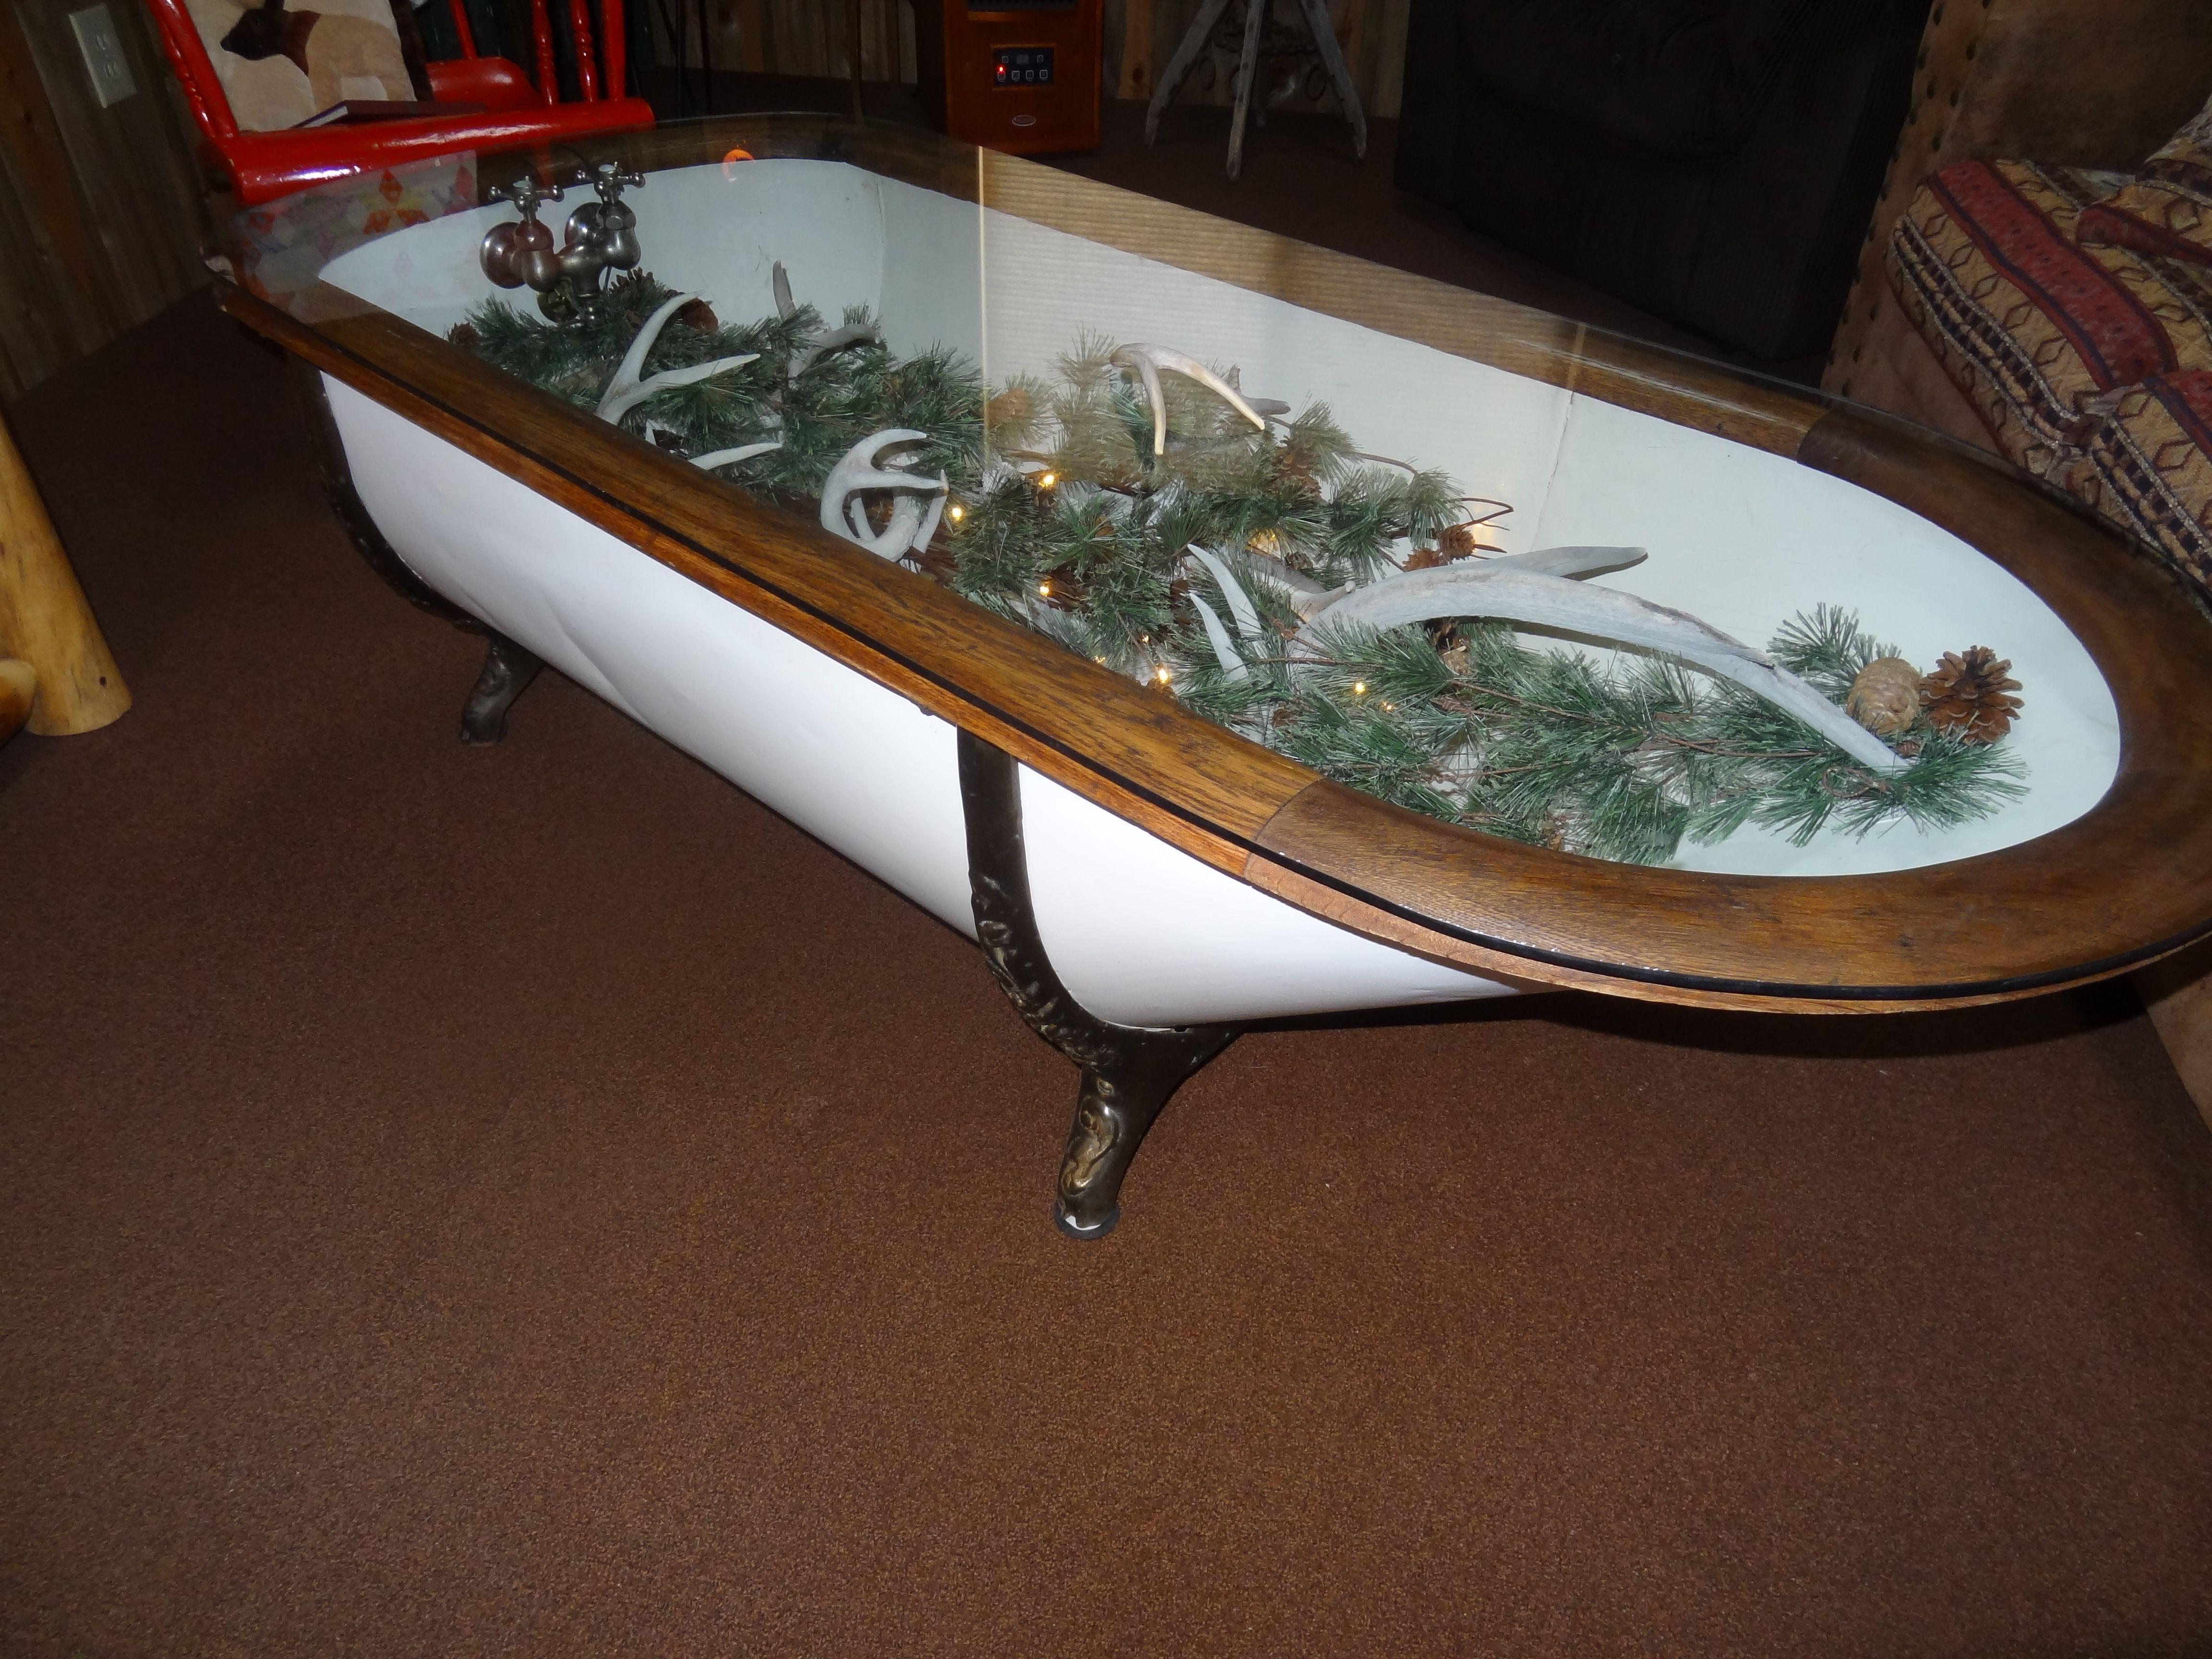 Early 1900 Bathtub Coffee table